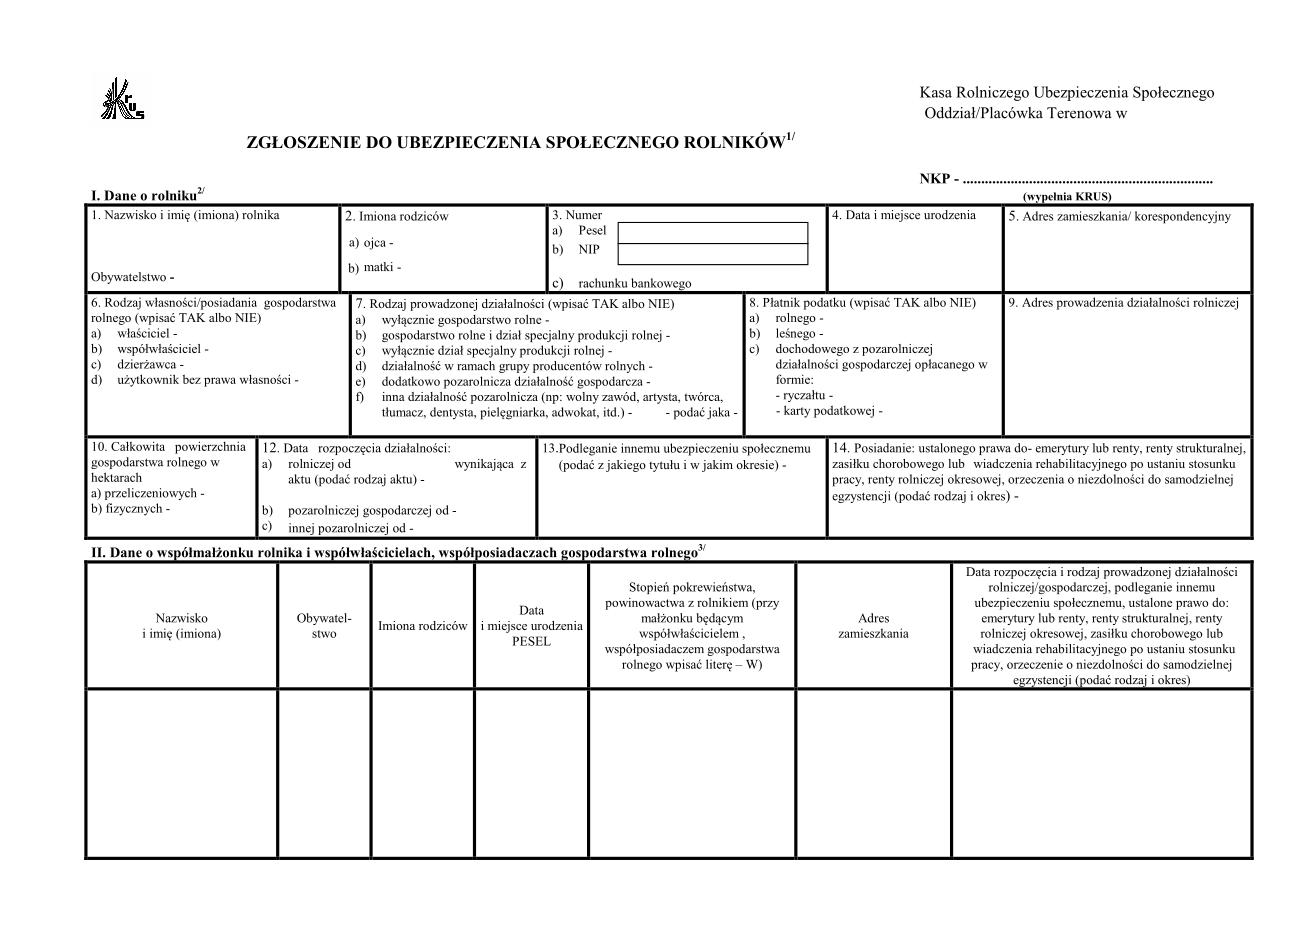 KRUS UD-2 Zgłoszenie do ubezpieczenia społecznego rolników